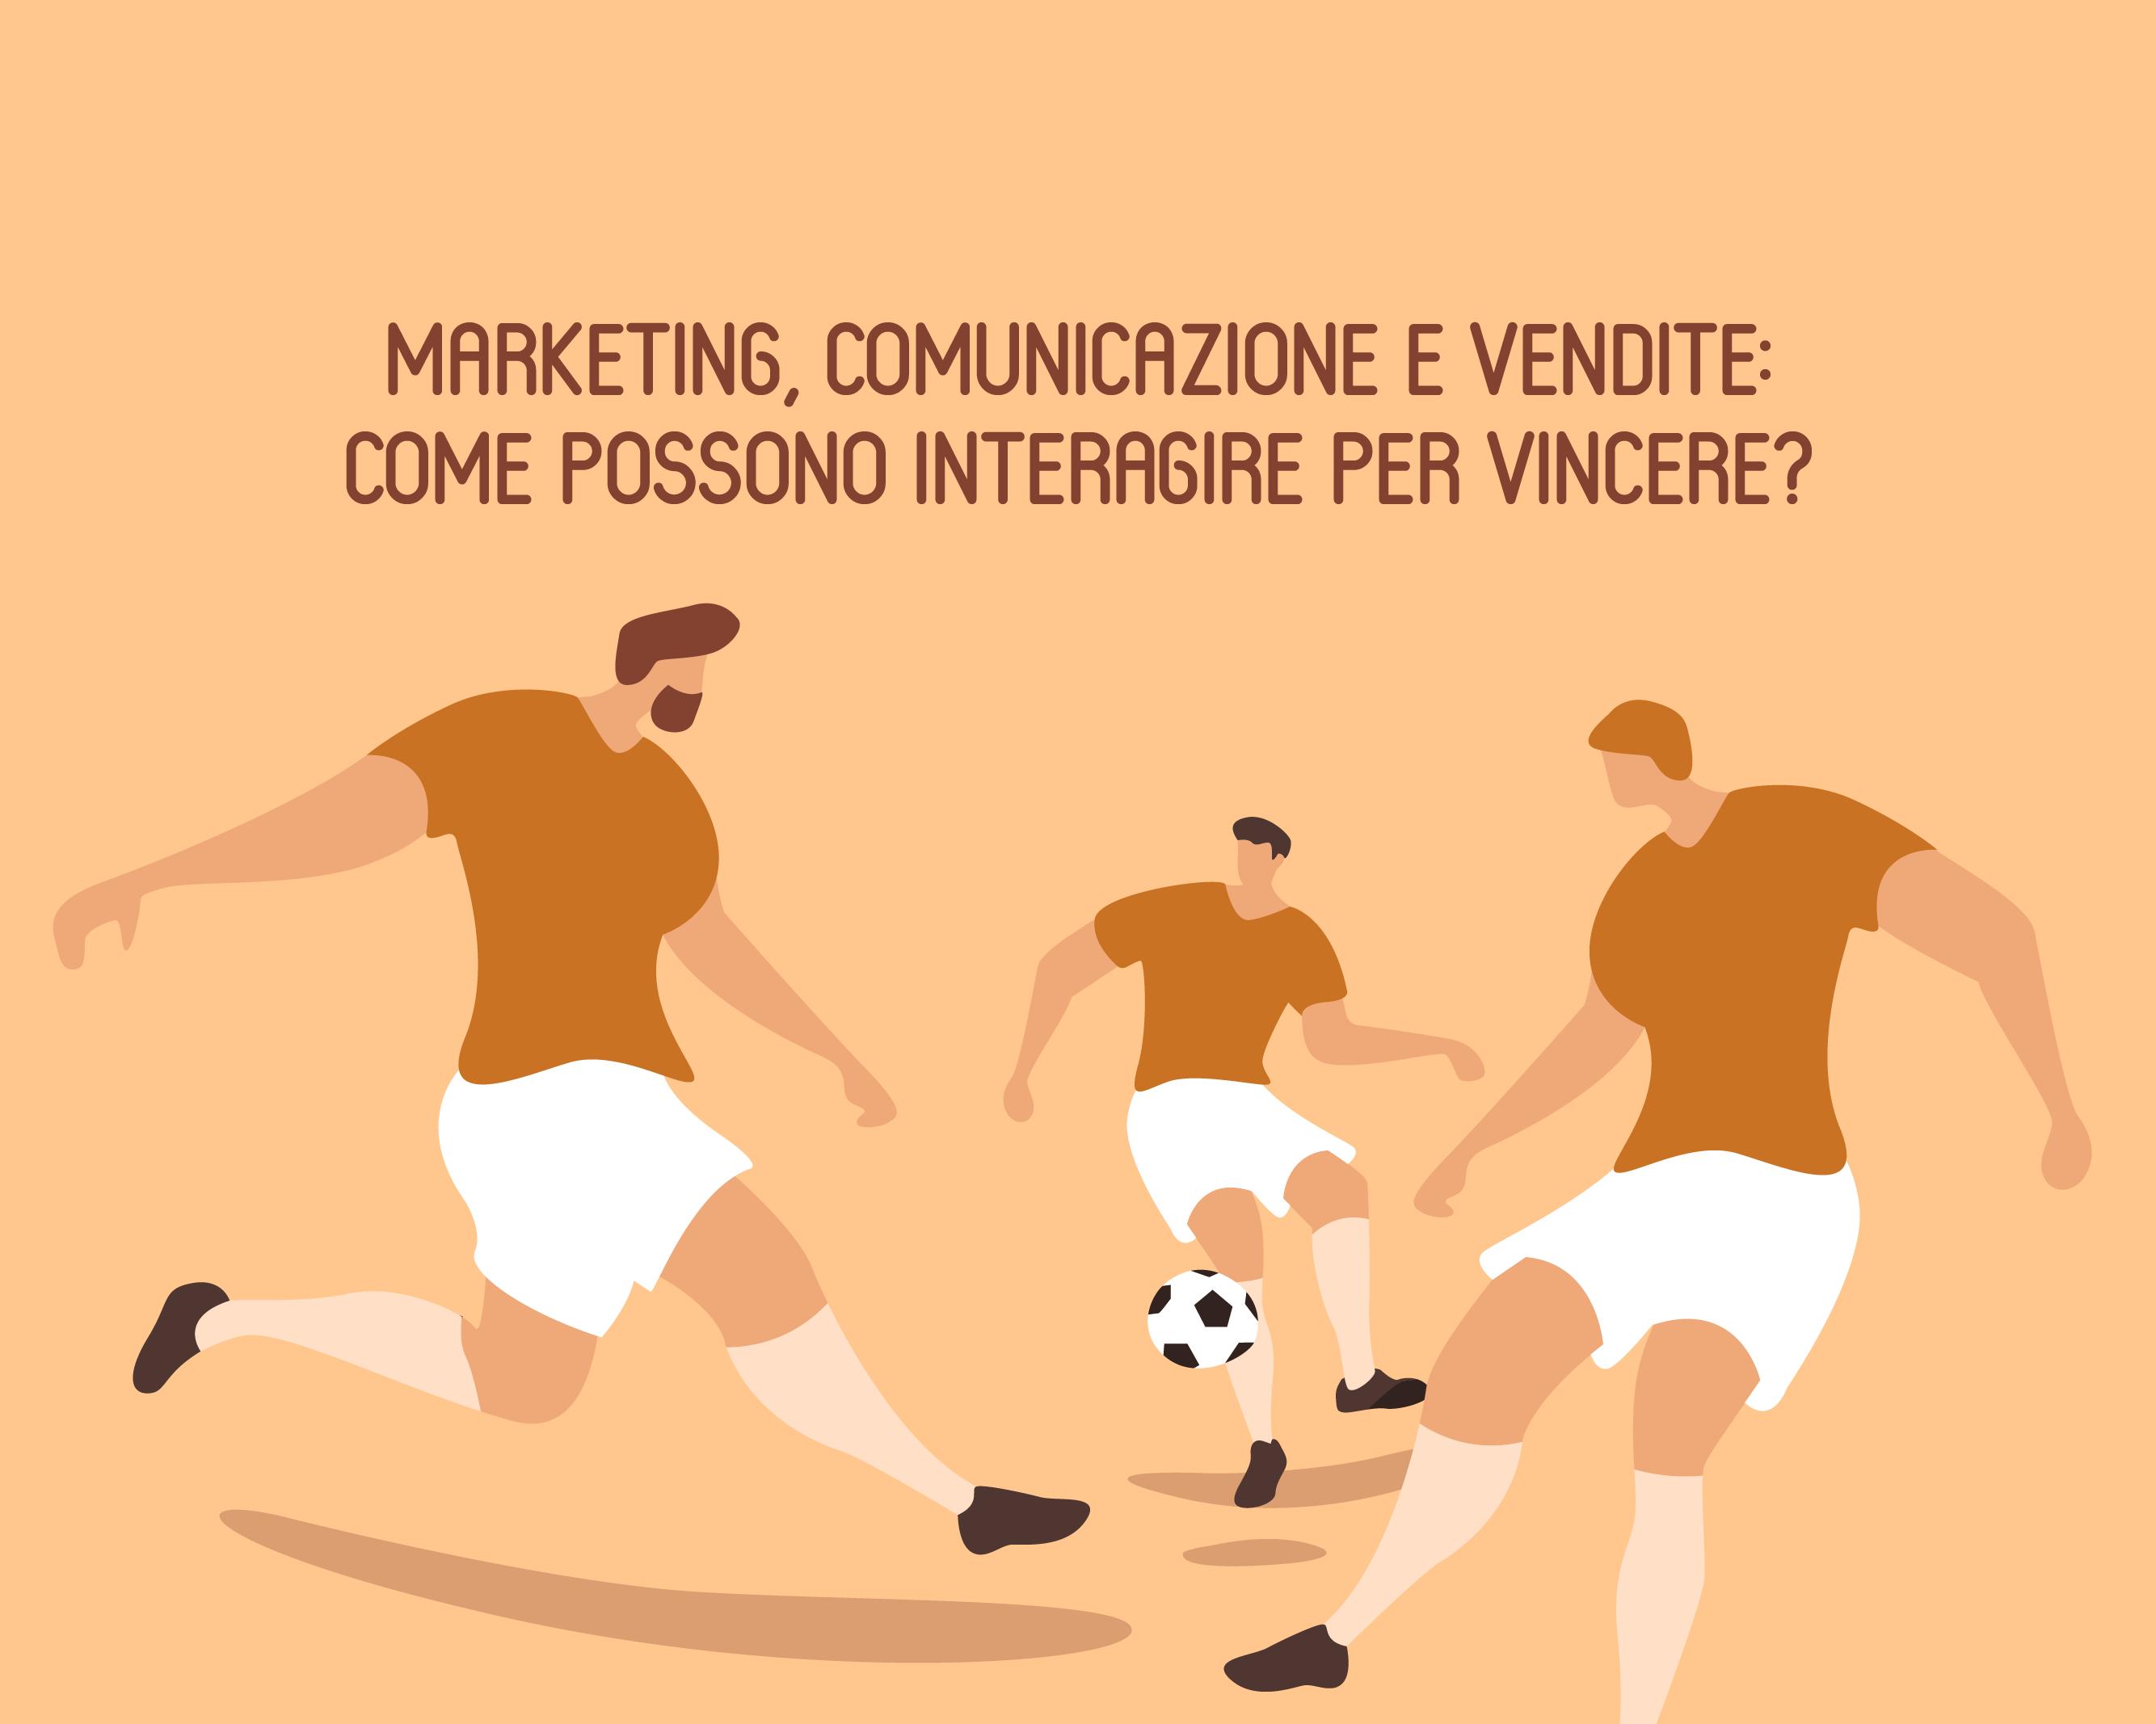 Marketing, Comunicazione e Vendite: come possono interagire per vincere?